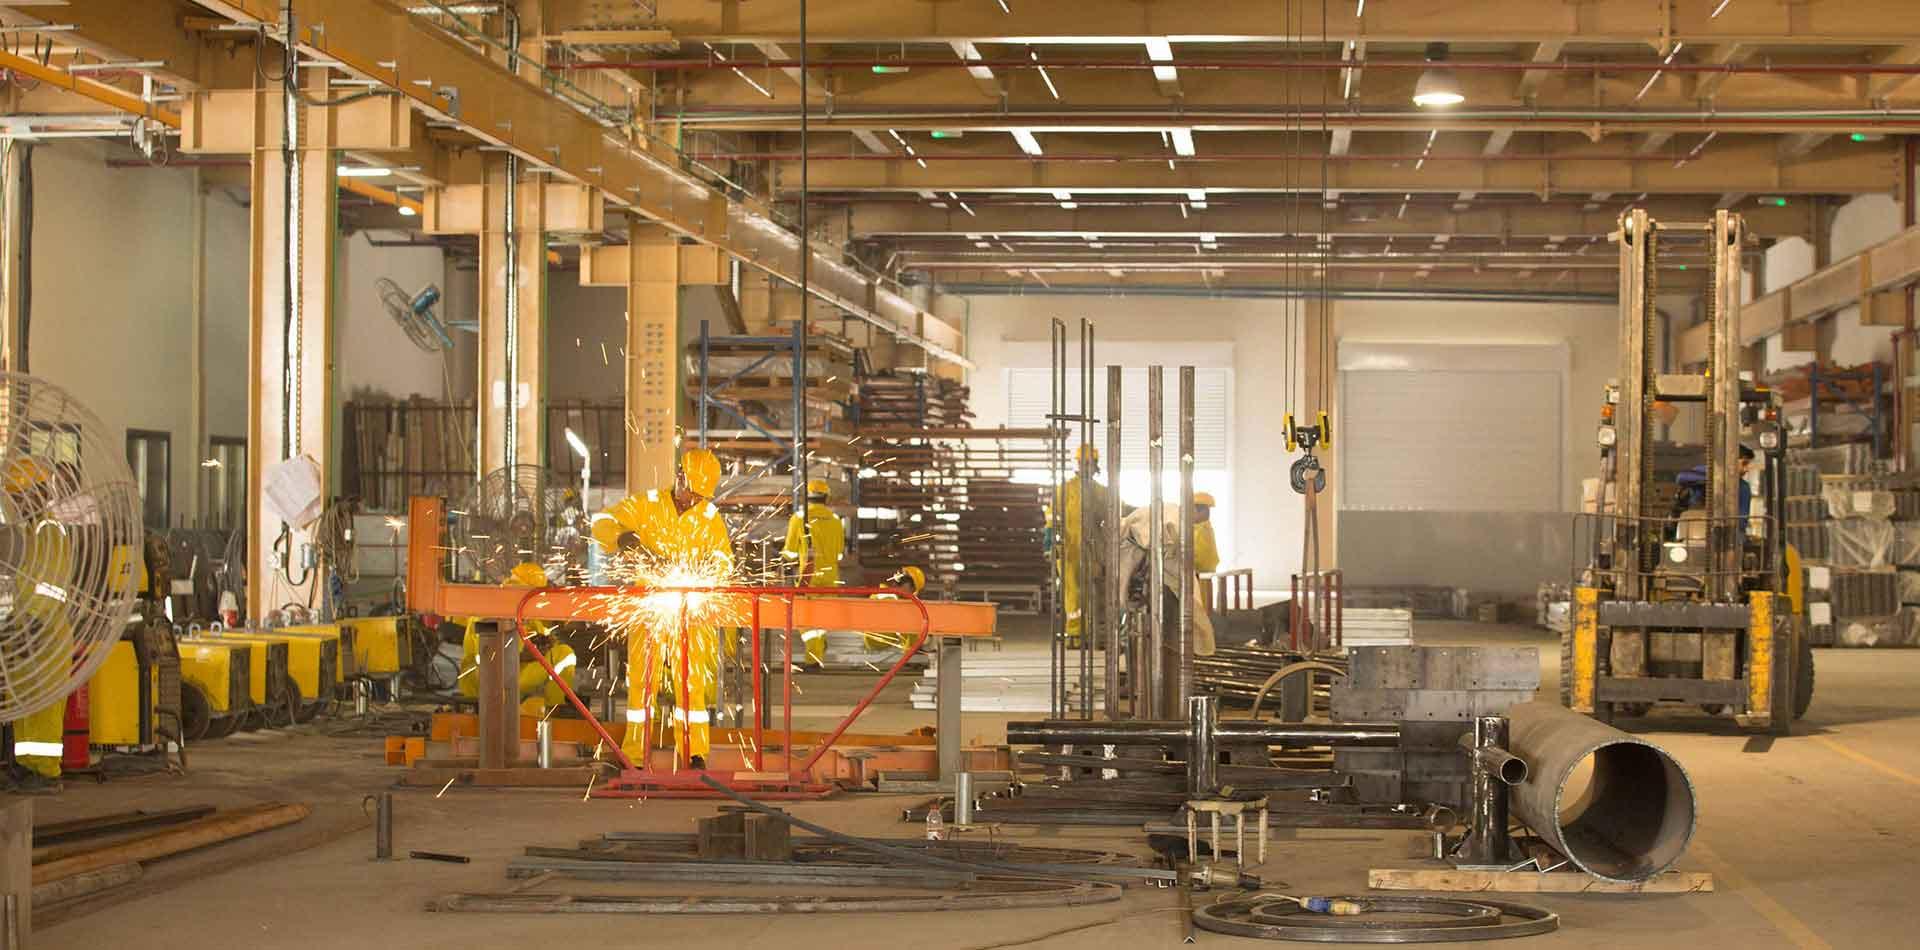 Gantry Factory of Joseph Group